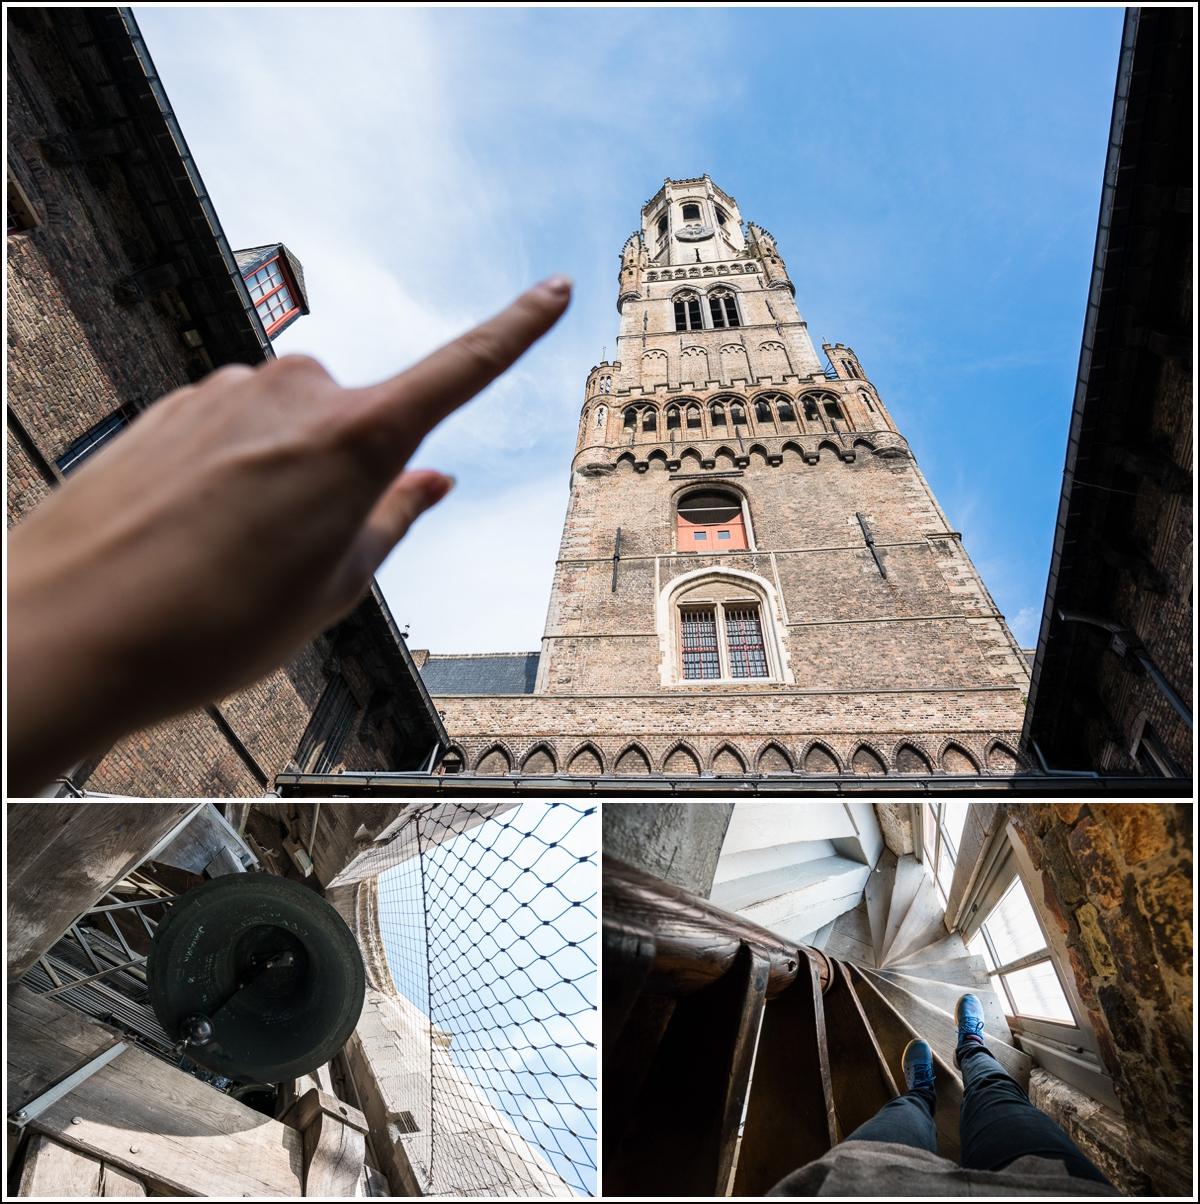 belfort tårn i brugge